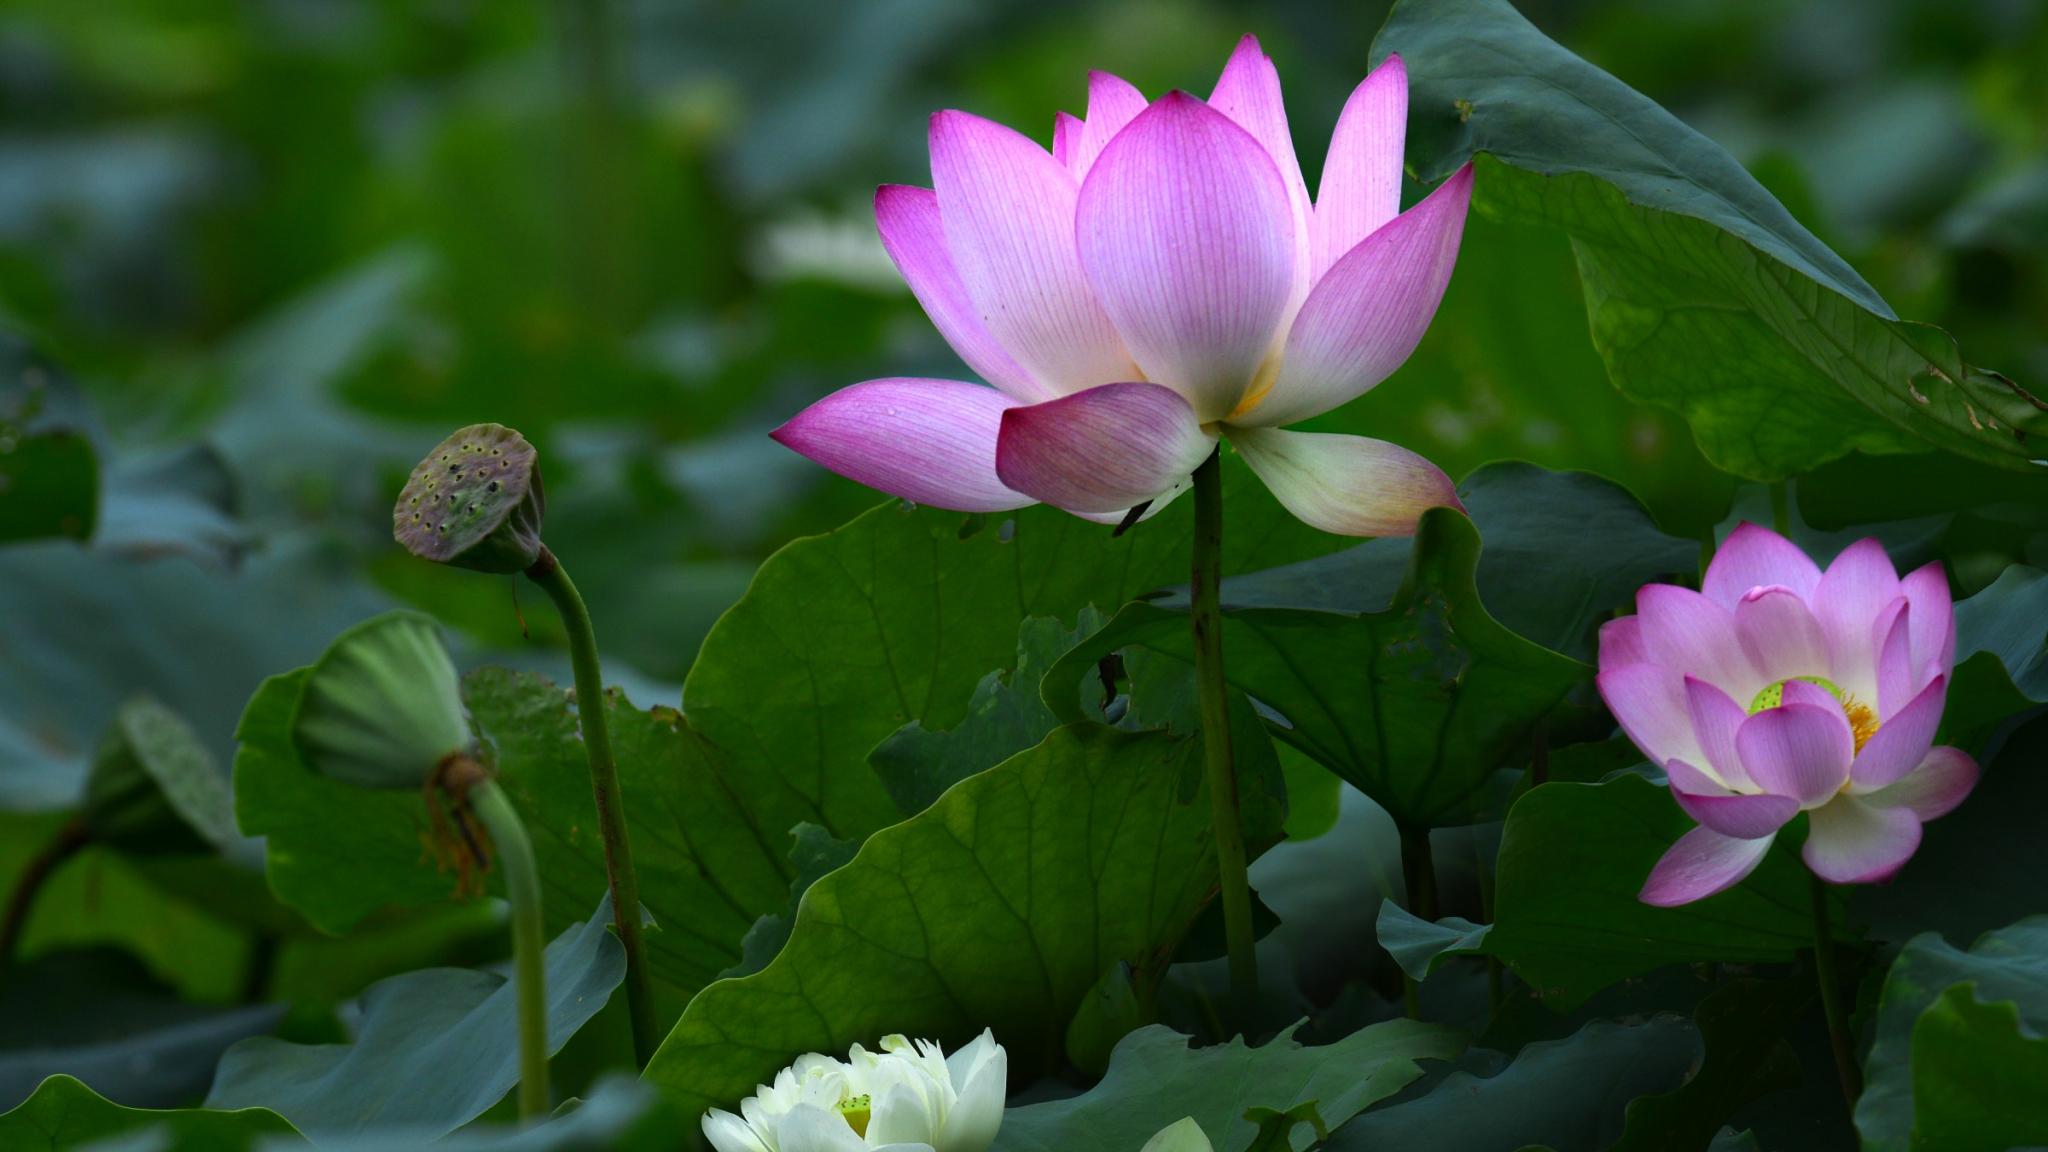 Download 2048x1152 Wallpaper Pink Lotus Flower Of Lake Leaves